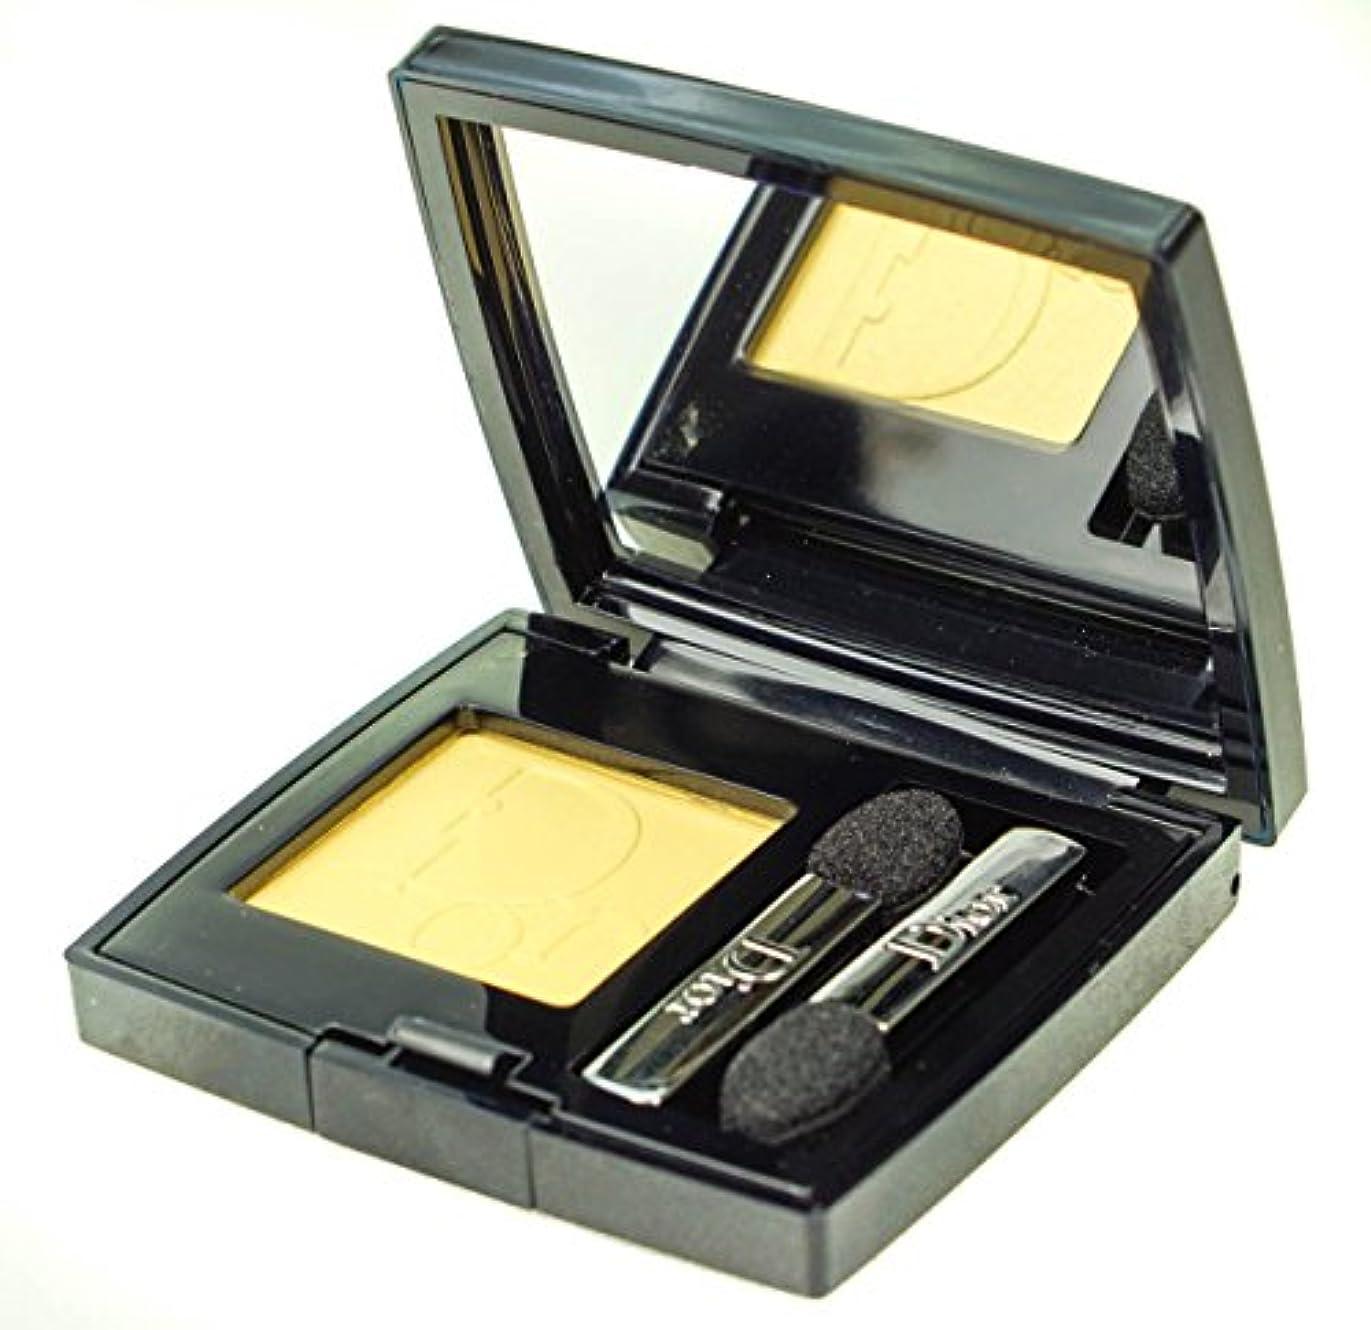 ピストル薬局カーテンクリスチャンディオール Diorshow Mono Wet & Dry Backstage Eyeshadow - # 547 Yellow 2.2g/0.07oz